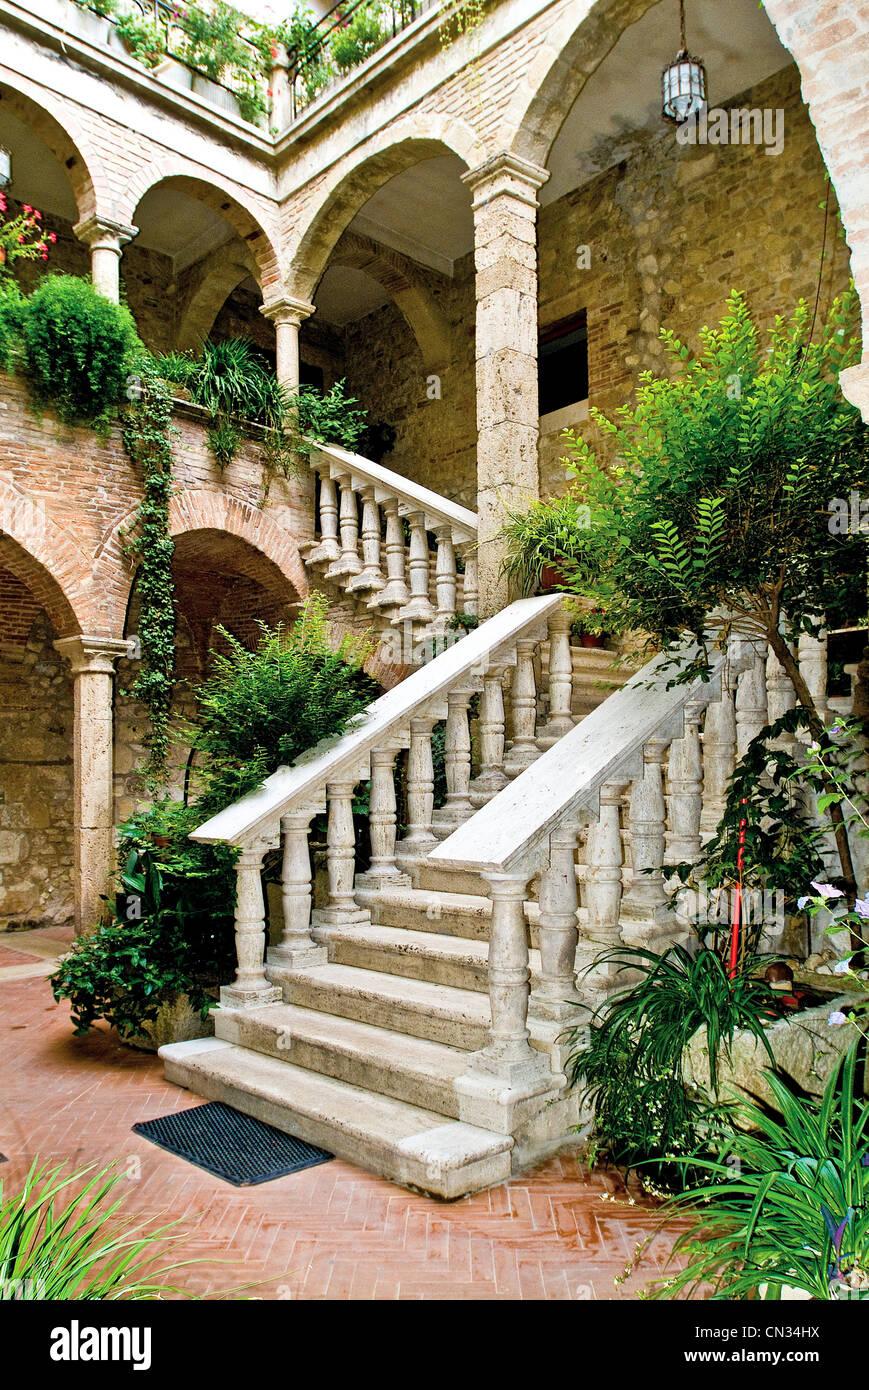 Acheter Une Maison En Italie Abruzzes italie abruzzes teramo atri province cour de natali maison